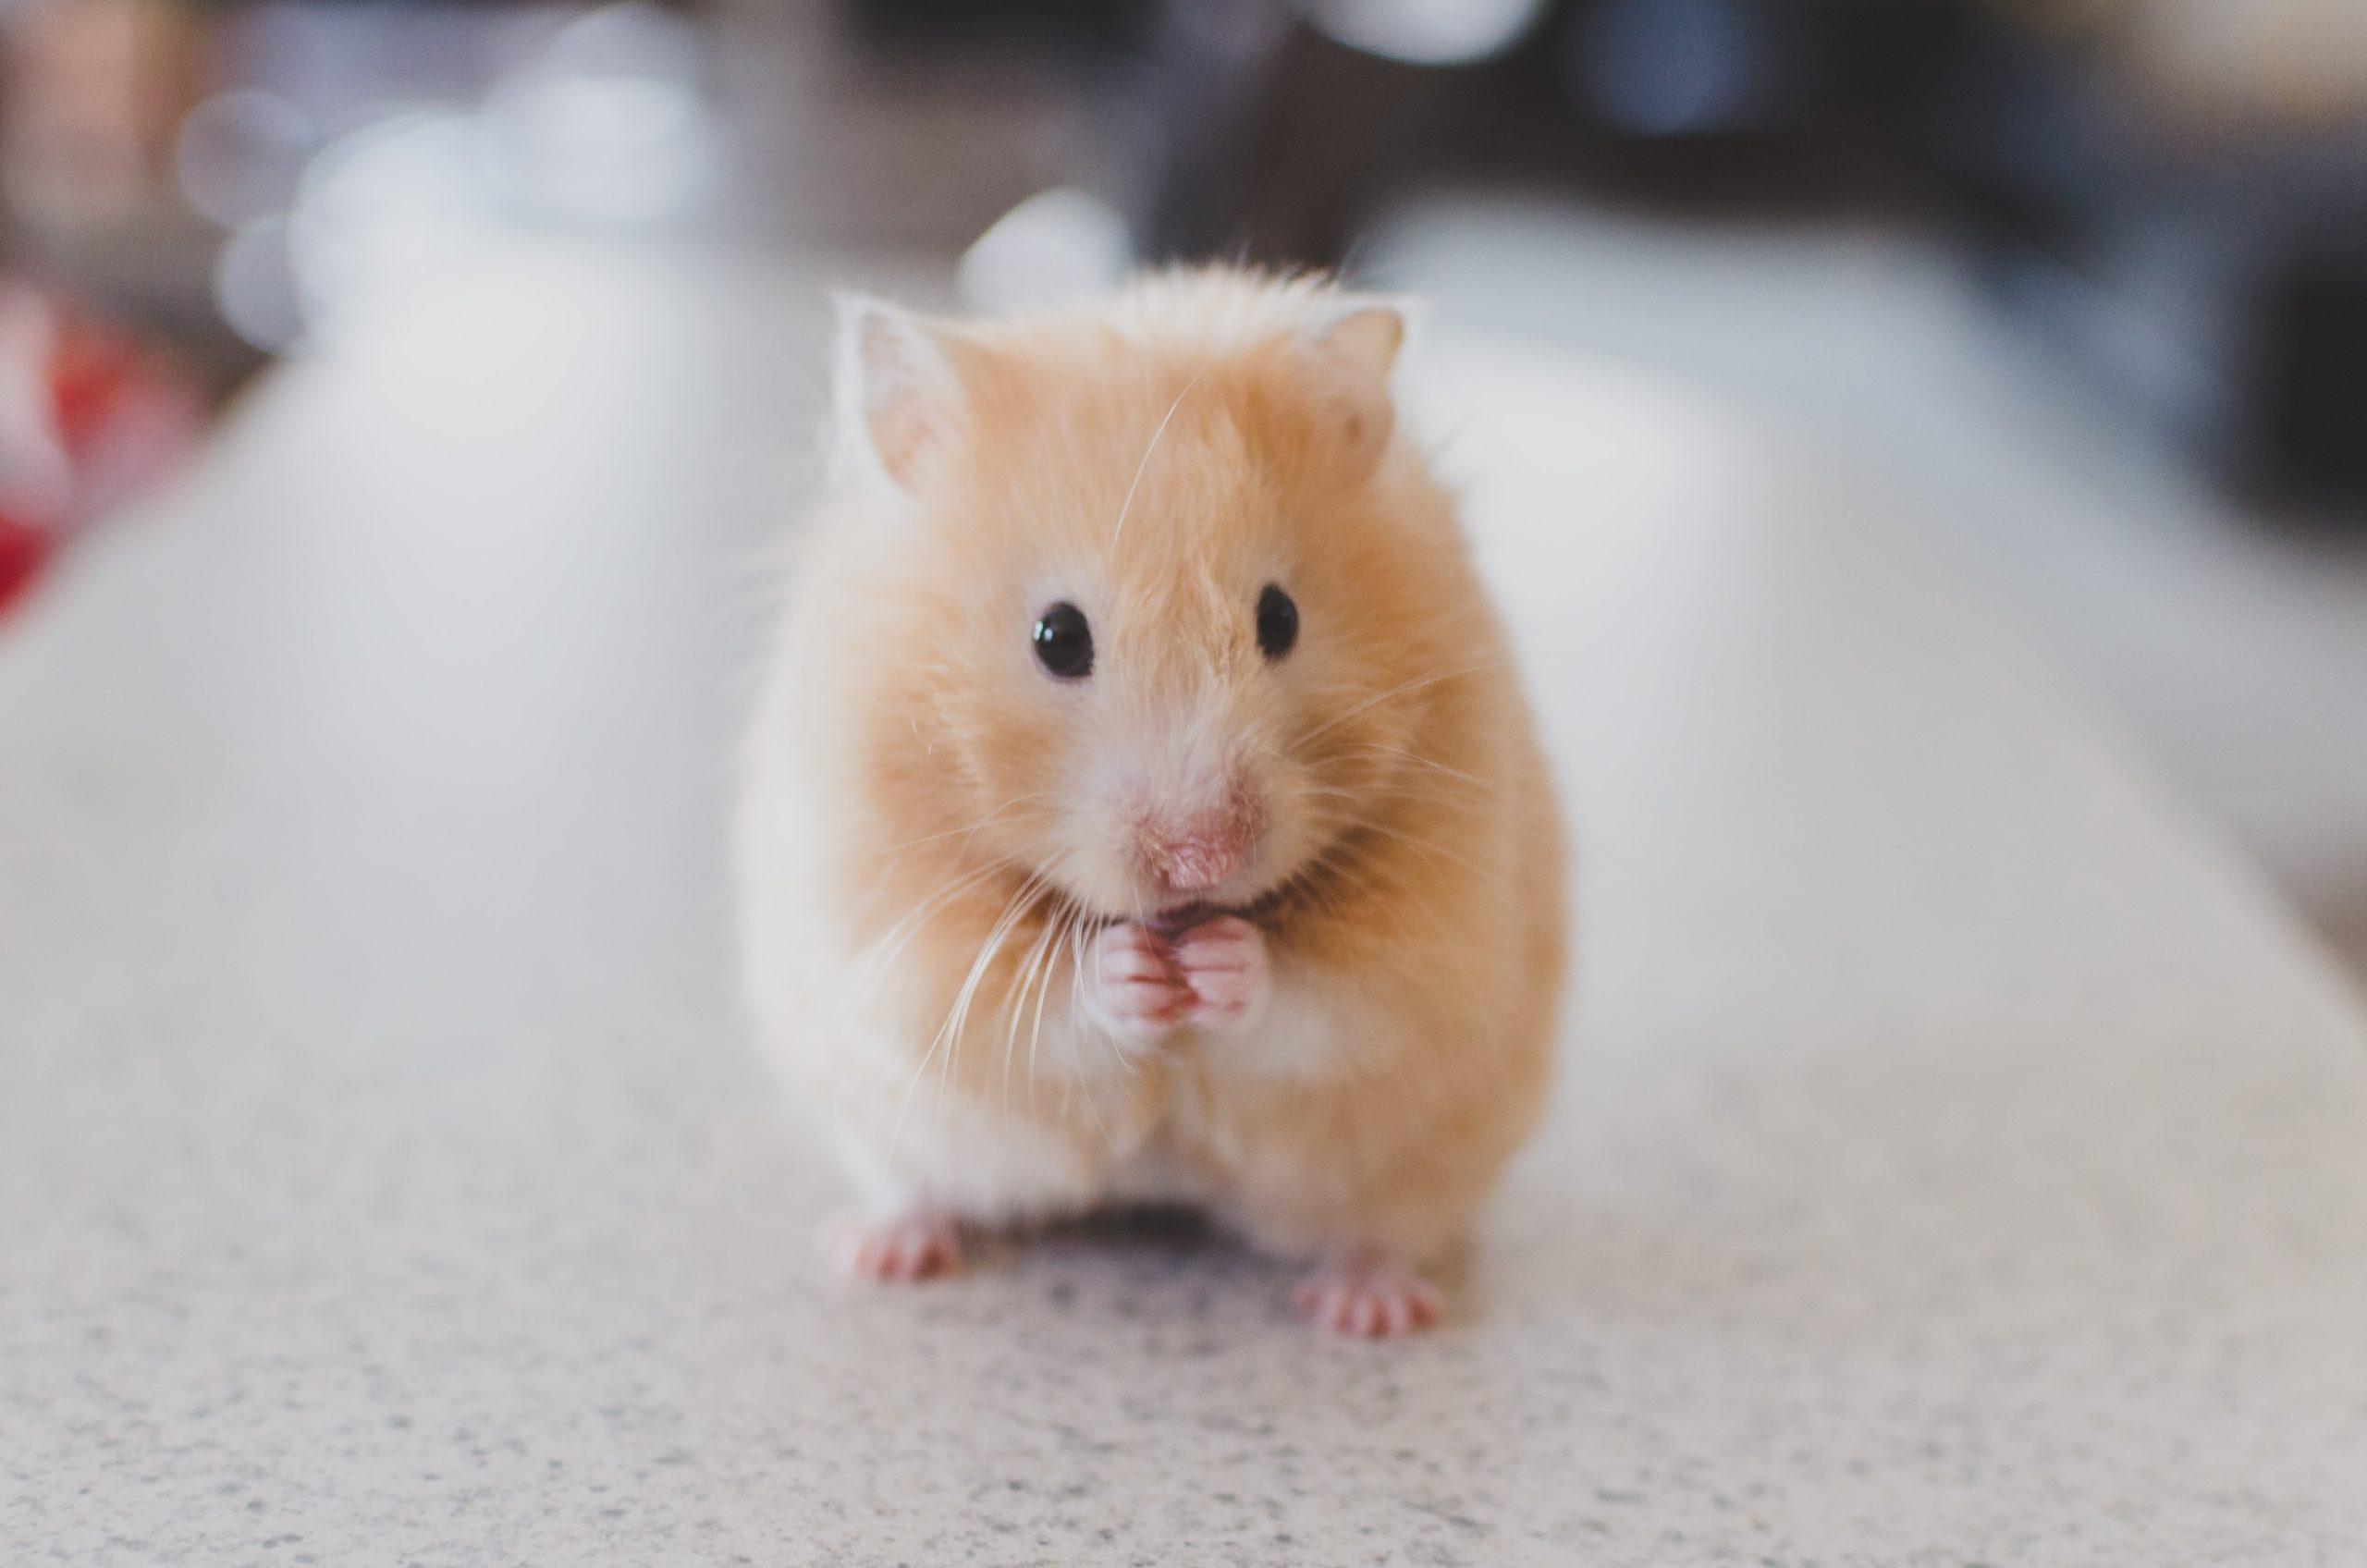 Mon aspirateur autonome a écrasé mon hamster ! Qui est responsable ?